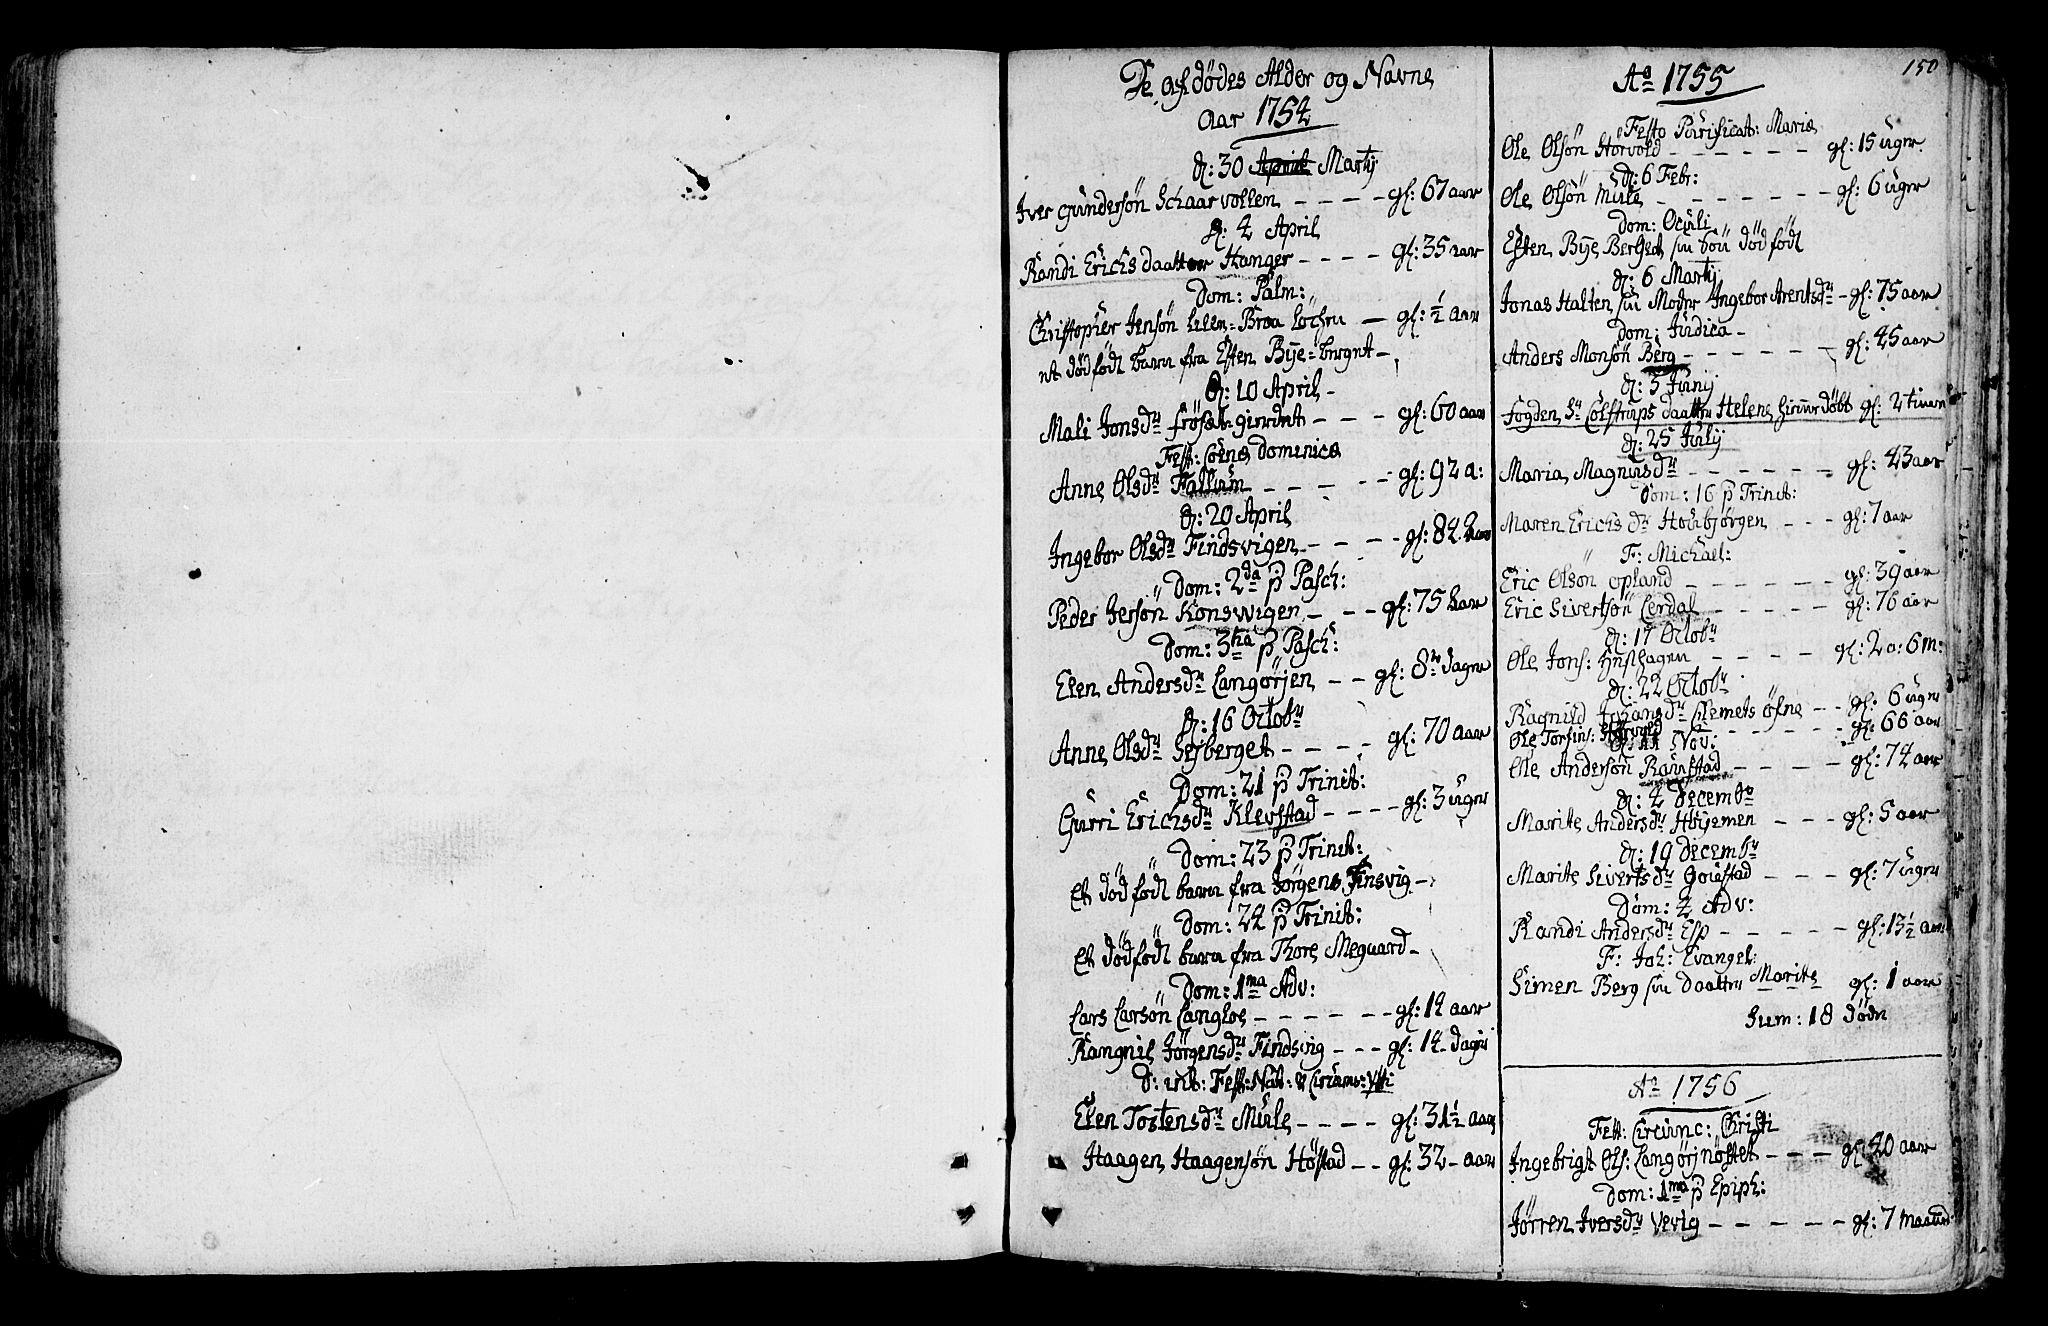 SAT, Ministerialprotokoller, klokkerbøker og fødselsregistre - Sør-Trøndelag, 612/L0370: Ministerialbok nr. 612A04, 1754-1802, s. 150